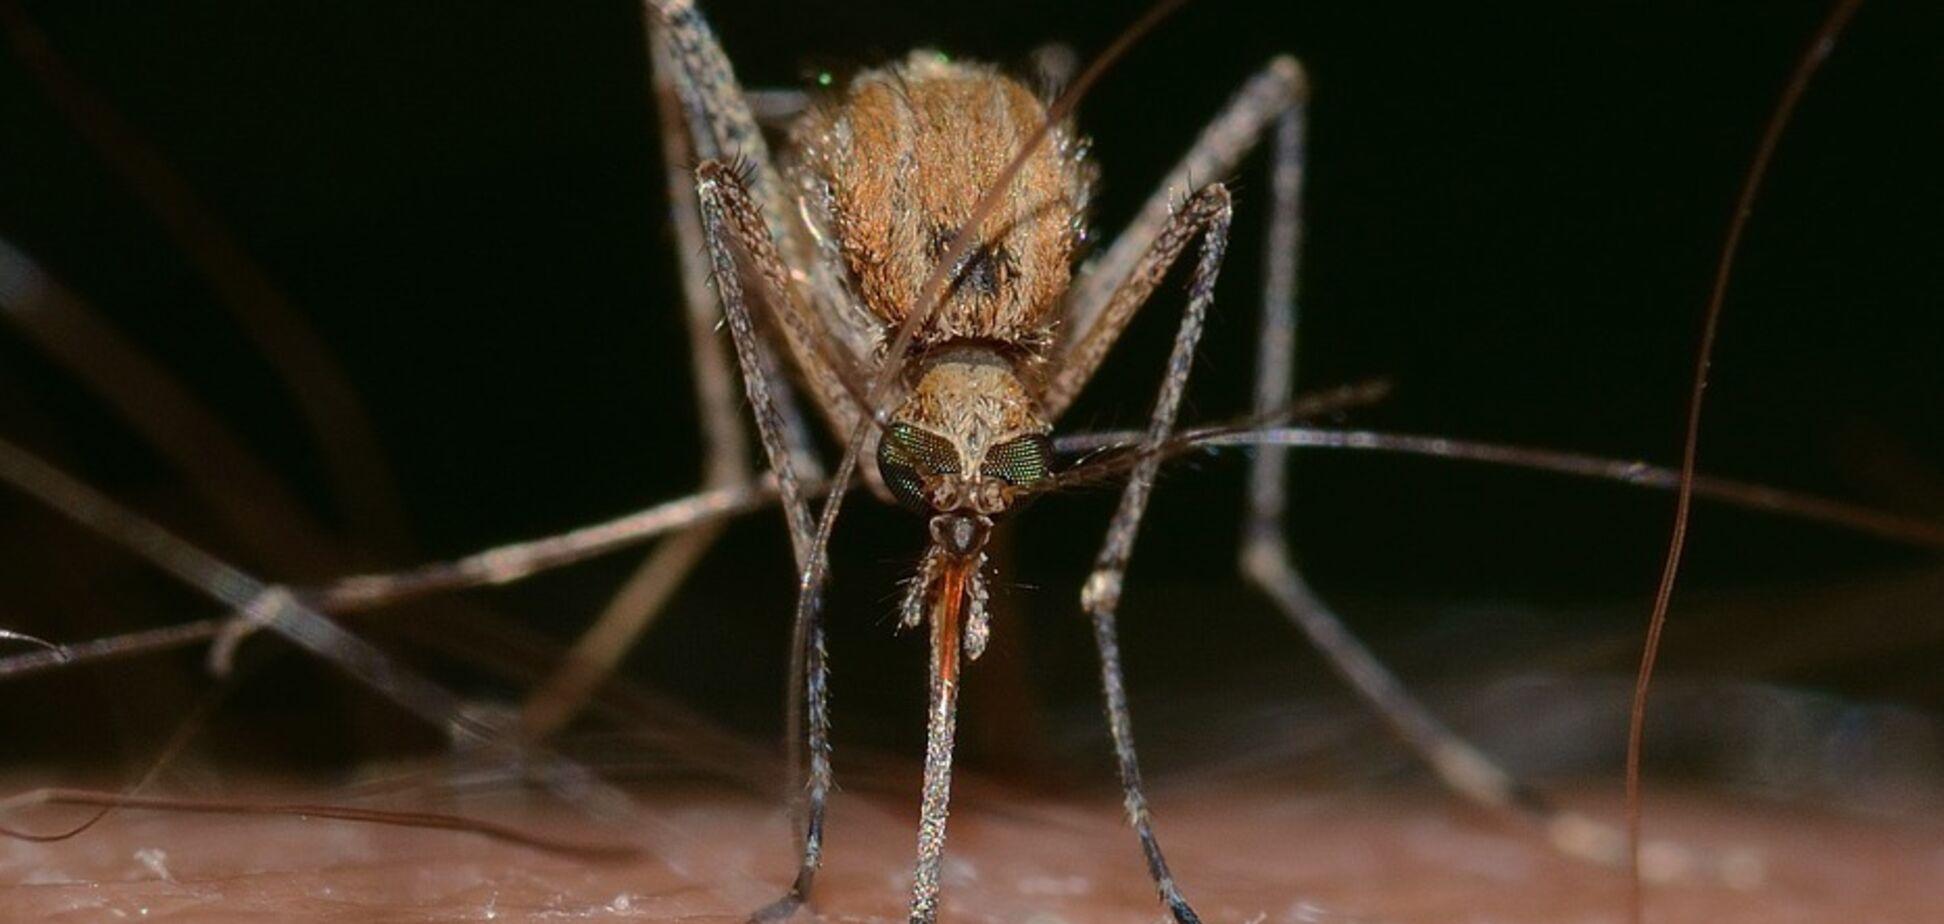 Кого, как и зачем кусают комары: эксперт ответил на наболевшие вопросы